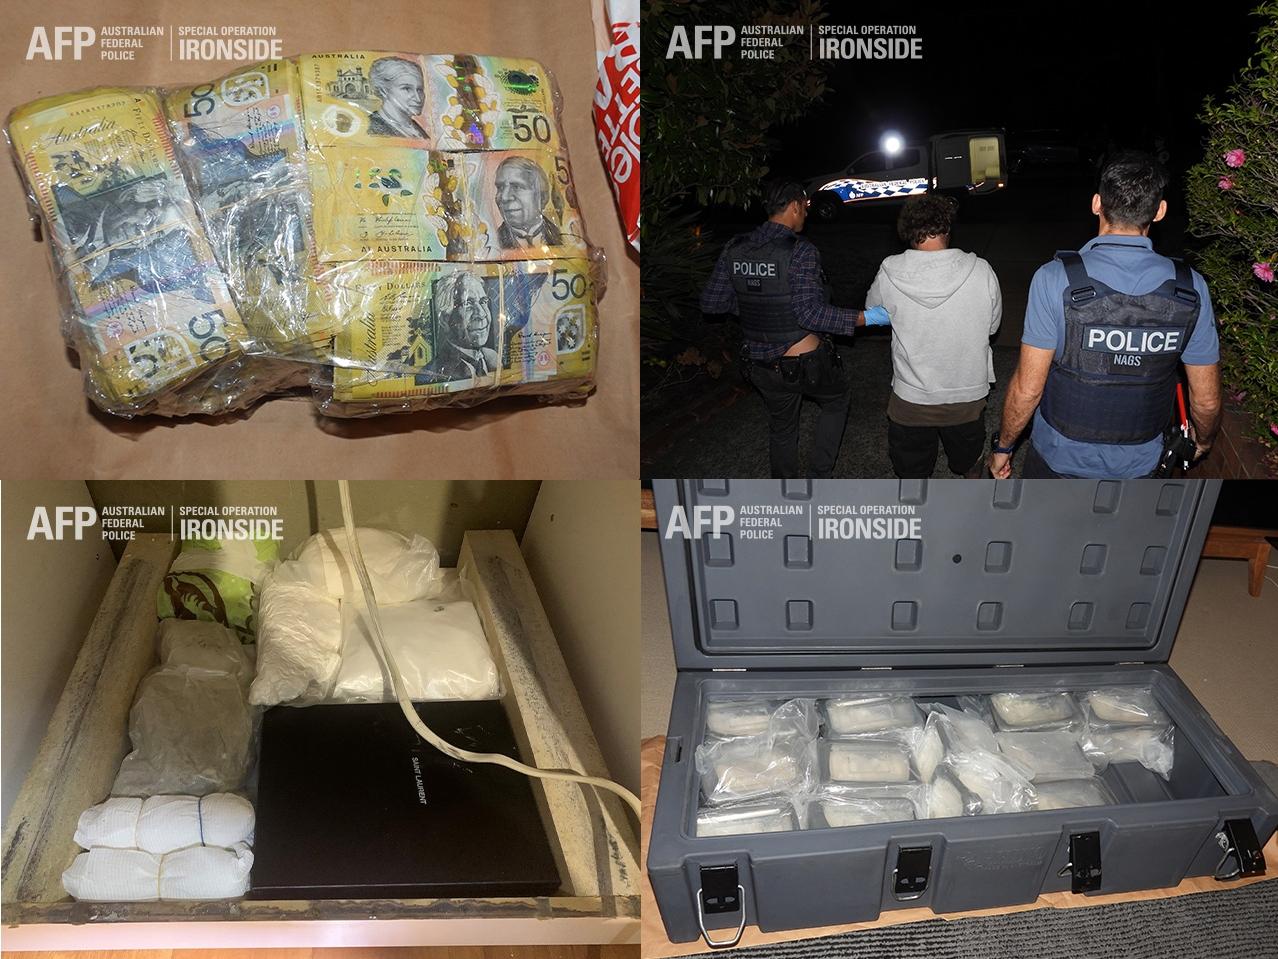 מעצרים והחרמות של כסף וסמים באוסטרליה במסגרת מבצע איירונסייד/מגן טרויאני 🖼️ משטרת אוסטרליה